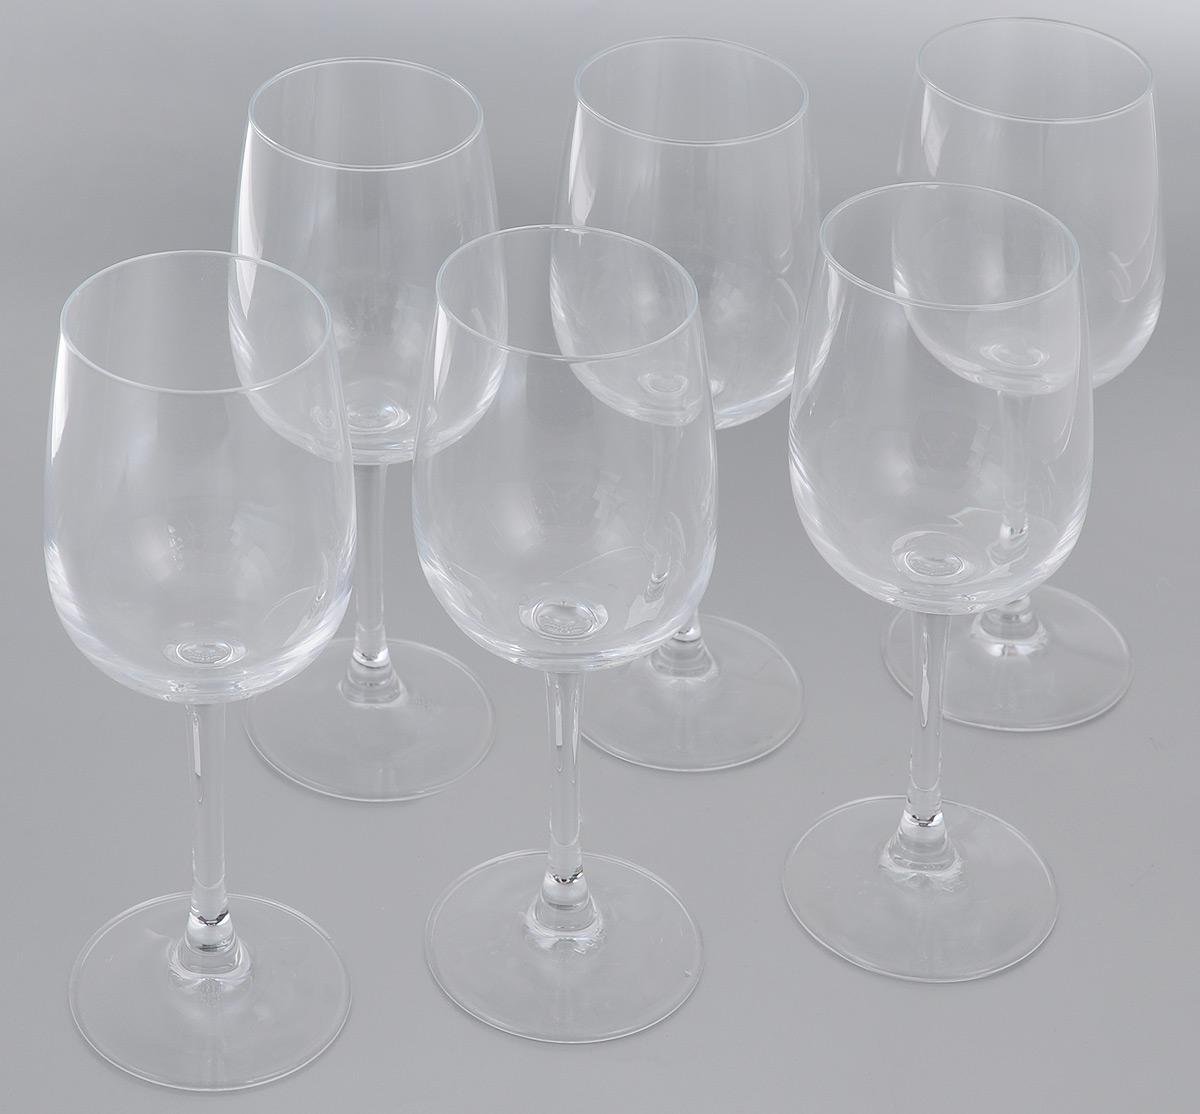 Набор фужеров для вина Luminarc Versailles, 275 мл, 6 штVT-1520(SR)Набор Luminarc Versailles состоит из шести фужеров, выполненных из прочного стекла. Изделия оснащены высокими ножками. Фужеры предназначены для подачи вина. Они сочетают в себе элегантный дизайн и функциональность. Благодаря такому набору пить напитки будет еще вкуснее.Набор фужеров Luminarc Versailles прекрасно оформит праздничный стол и создаст приятную атмосферу за романтическим ужином. Такой набор также станет хорошим подарком к любому случаю. Можно мыть в посудомоечной машине.Диаметр фужера (по верхнему краю): 6 см. Высота фужера: 19,5 см.